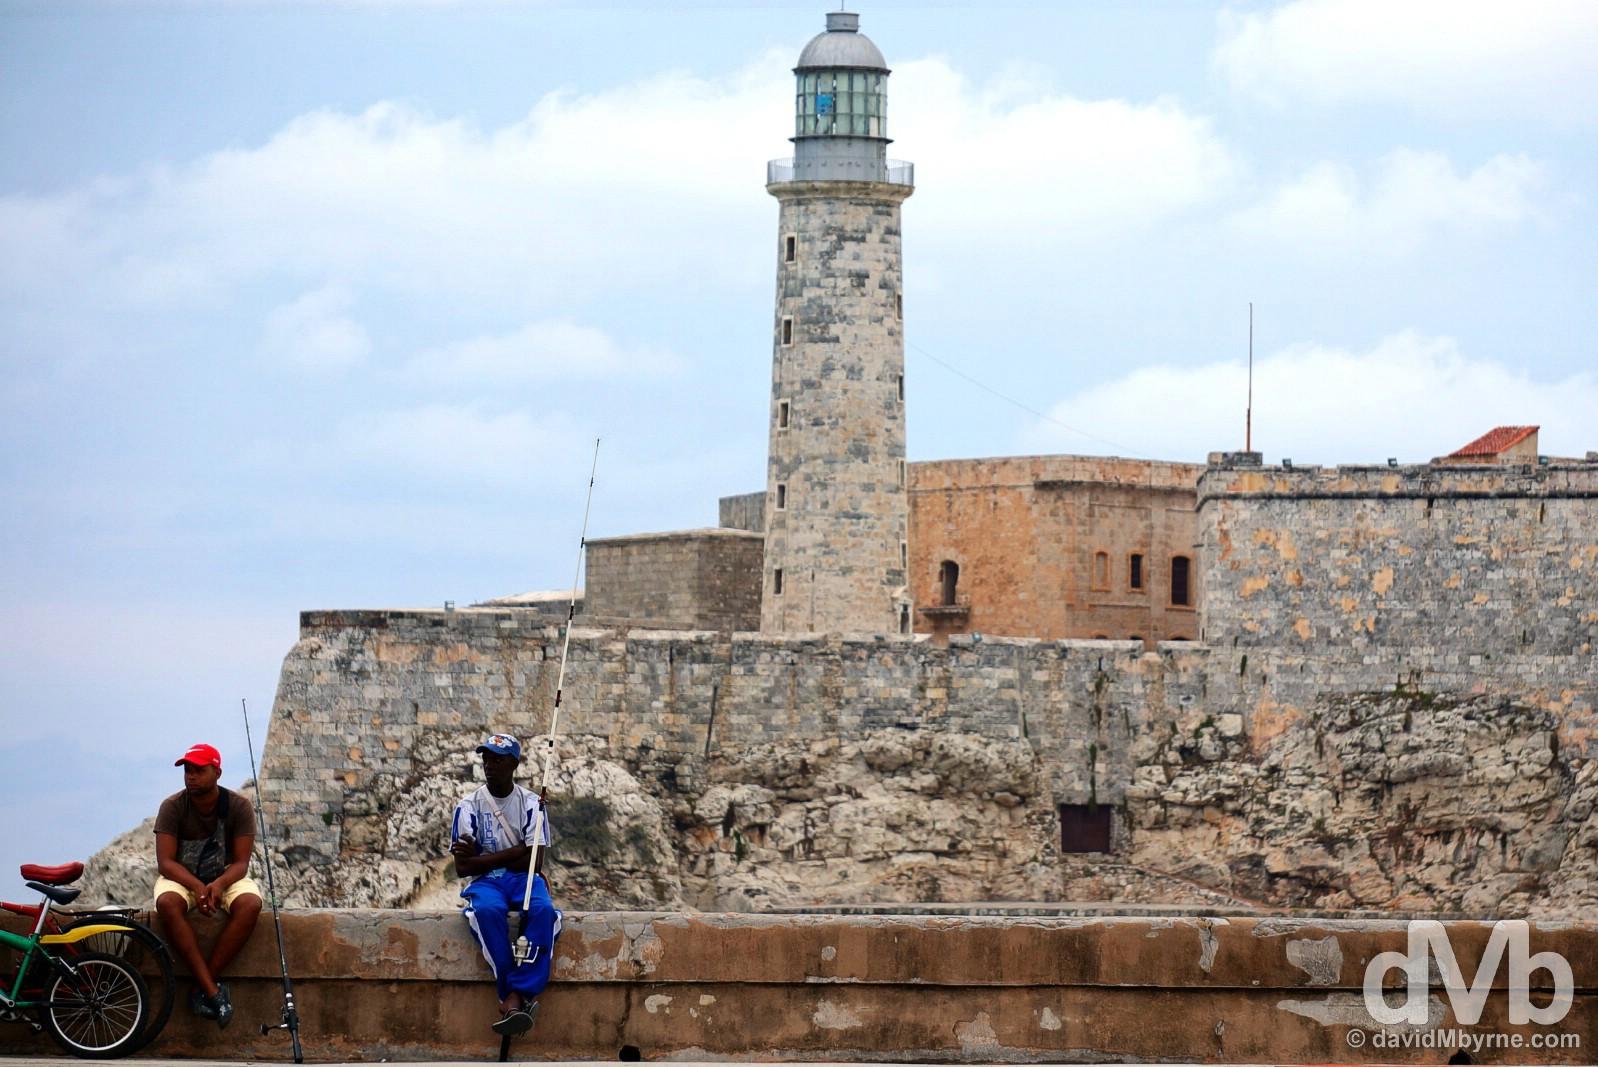 Sitting on the walls of the Malecon fronting Castillo de San Salvador de la Punta in Havana, Cuba. April 30, 2015.